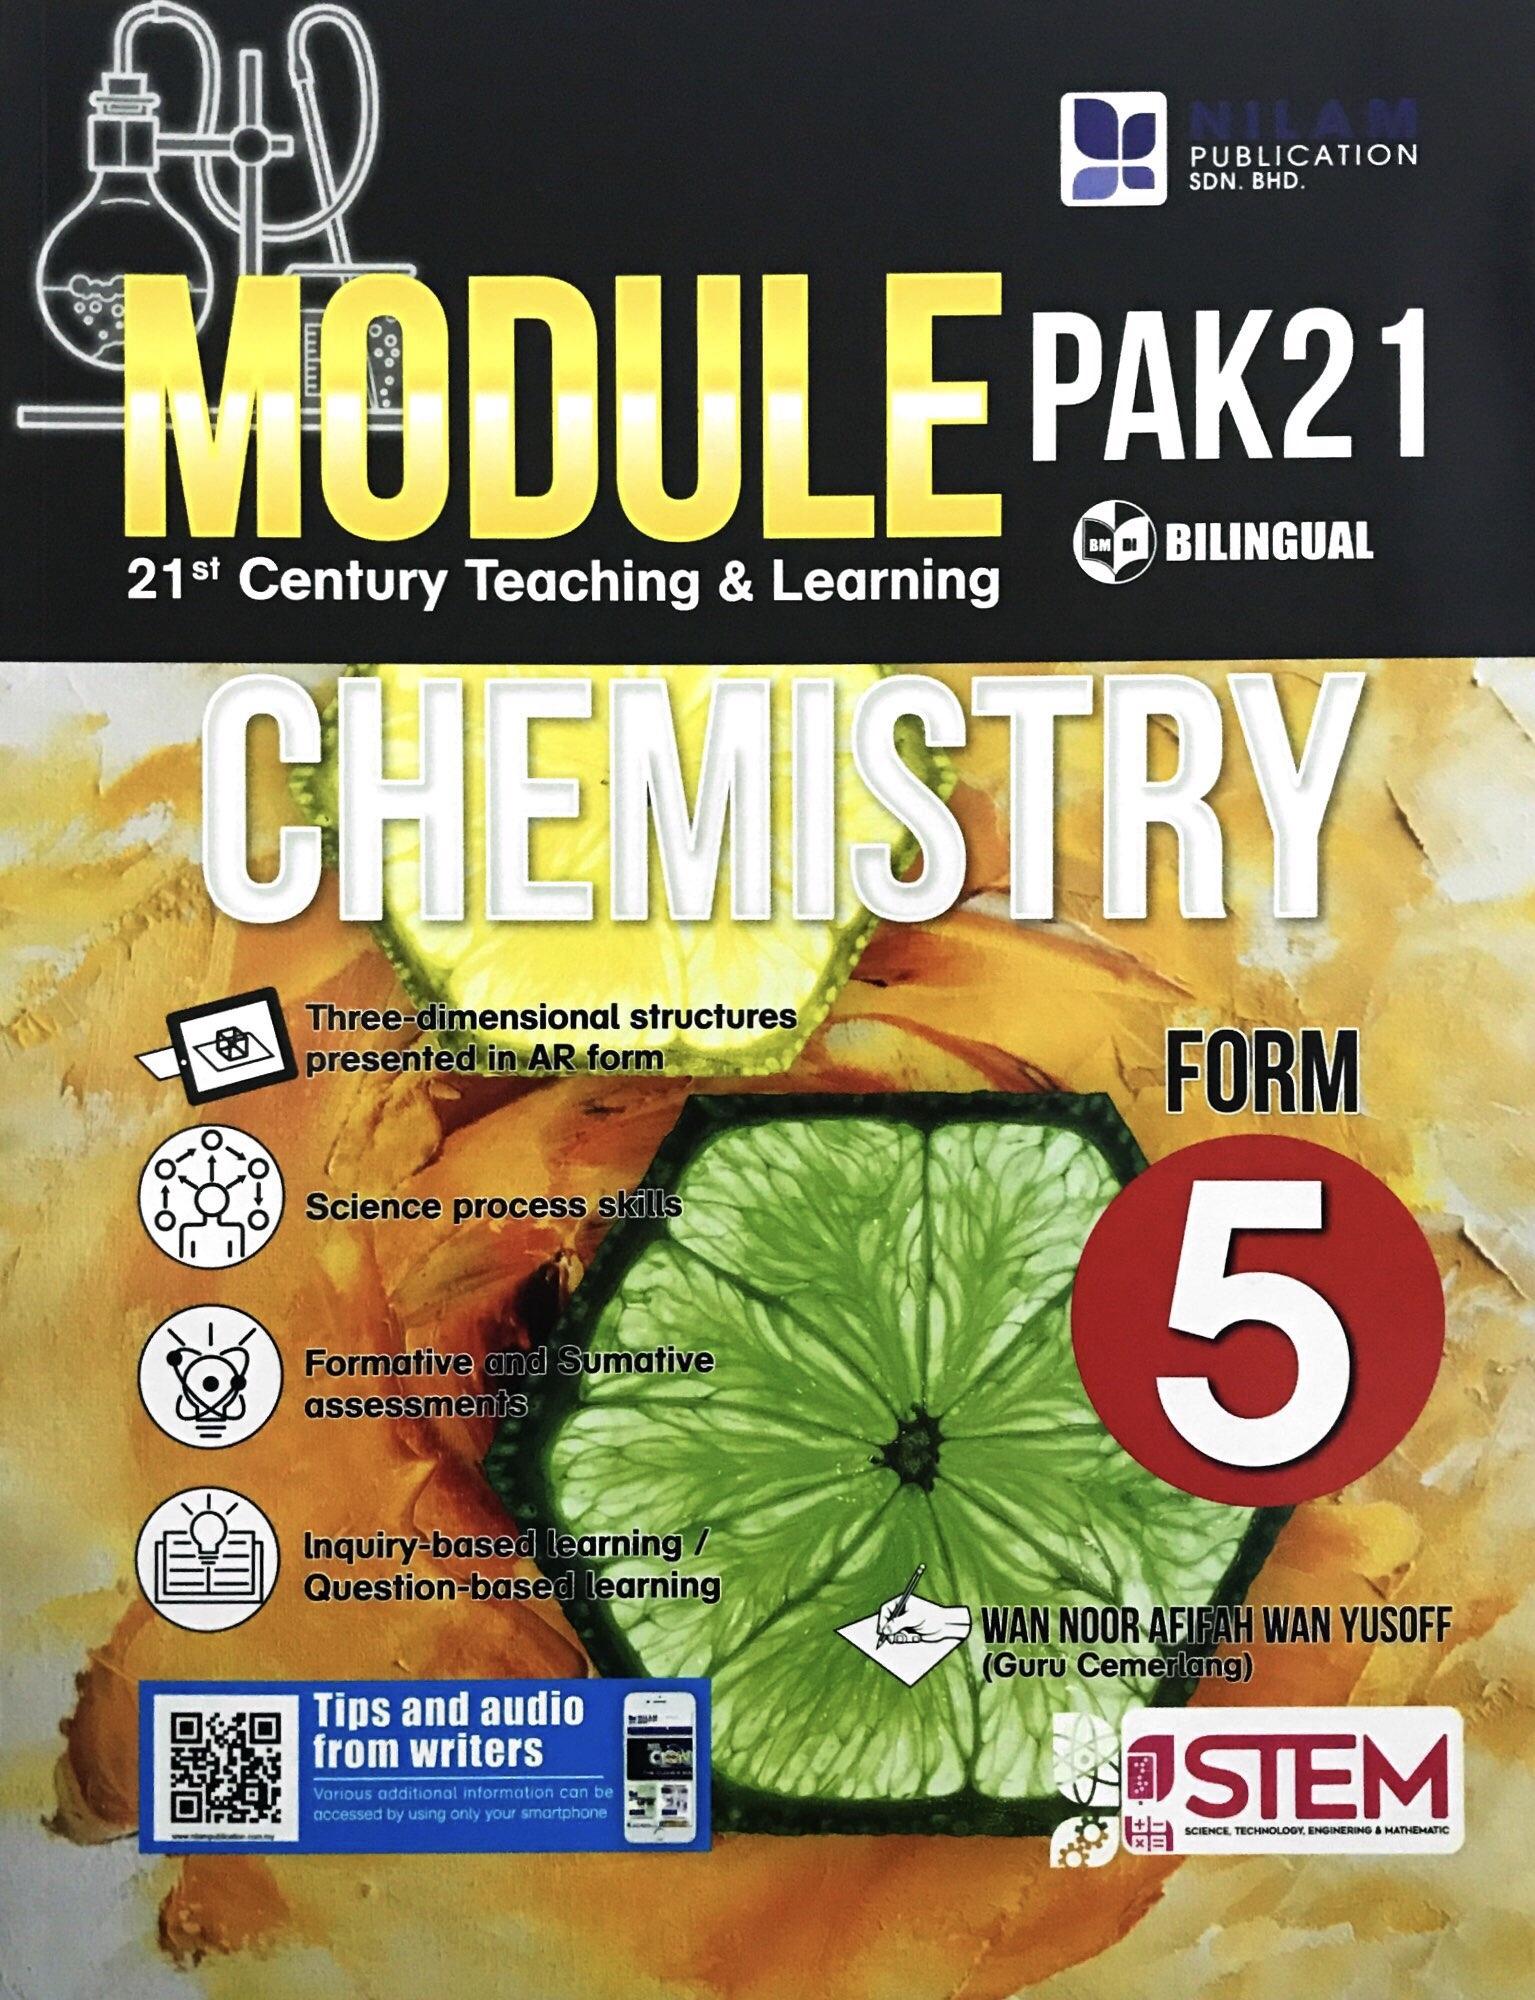 Modul Pengajaran & Pembelajaran Abad Ke-21 Chemistry Form 5 (2019)